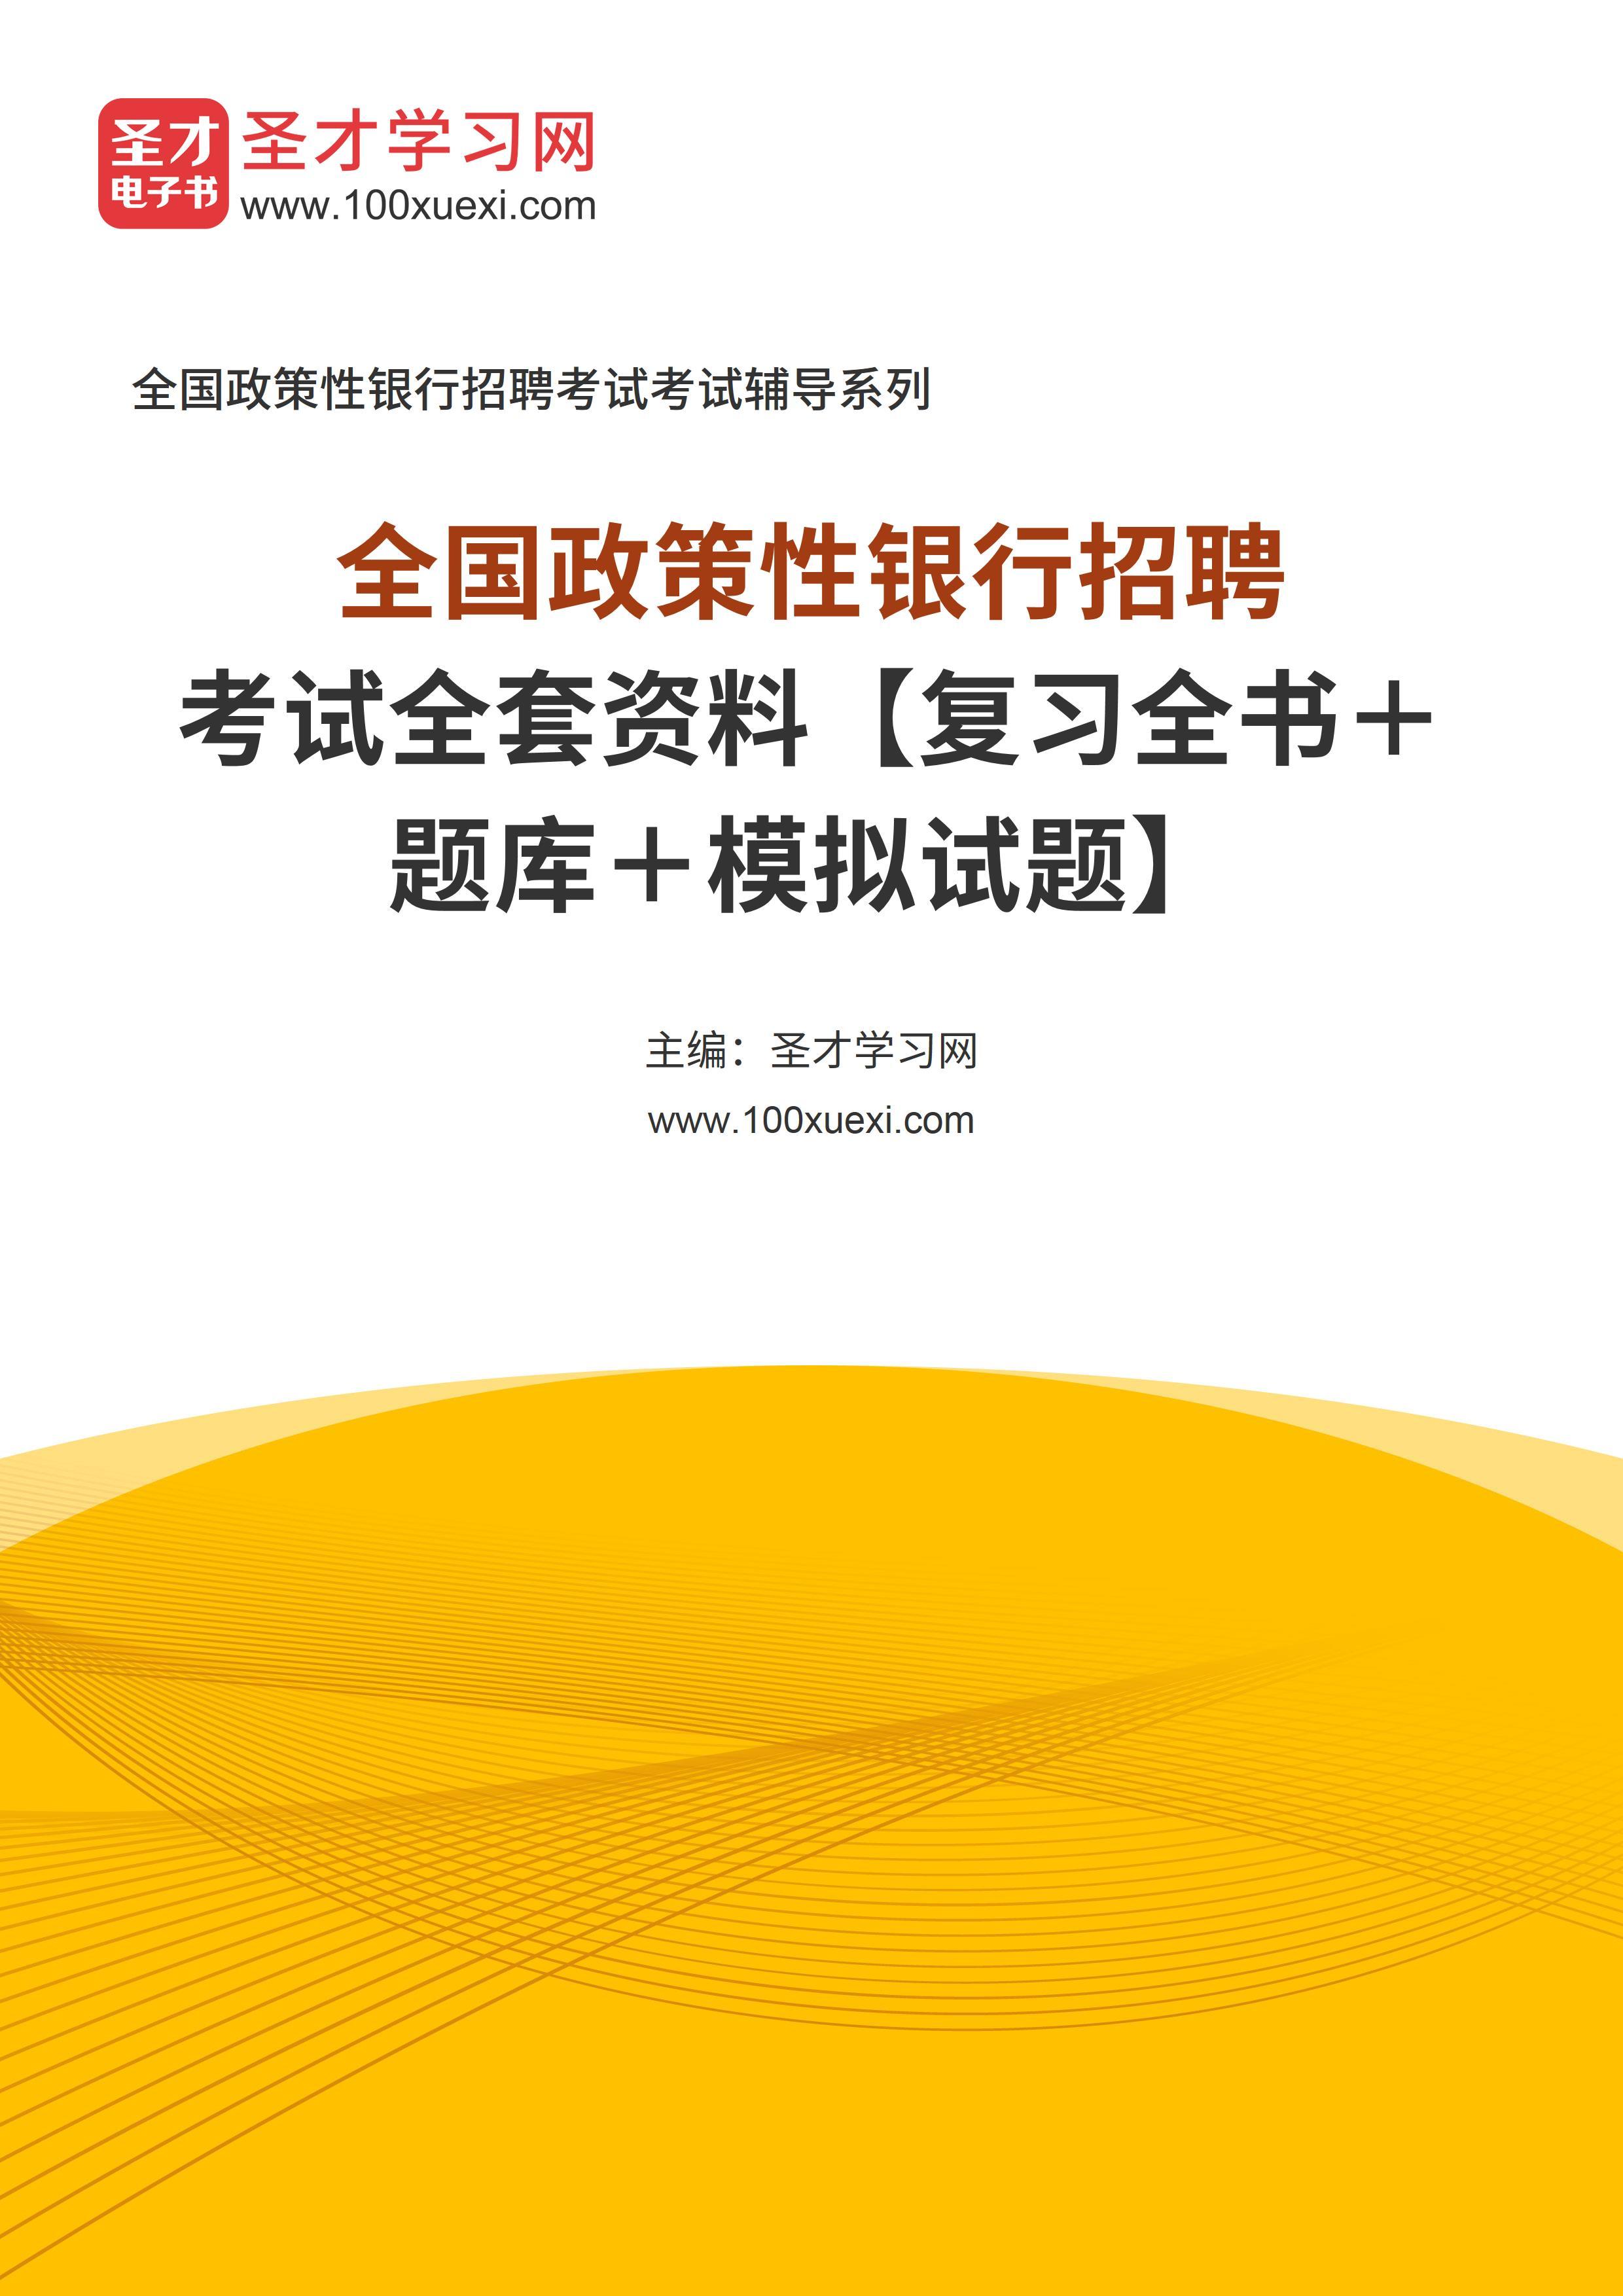 2021年全国政策性银行招聘考试全套资料【复习全书+题库+模拟试题】